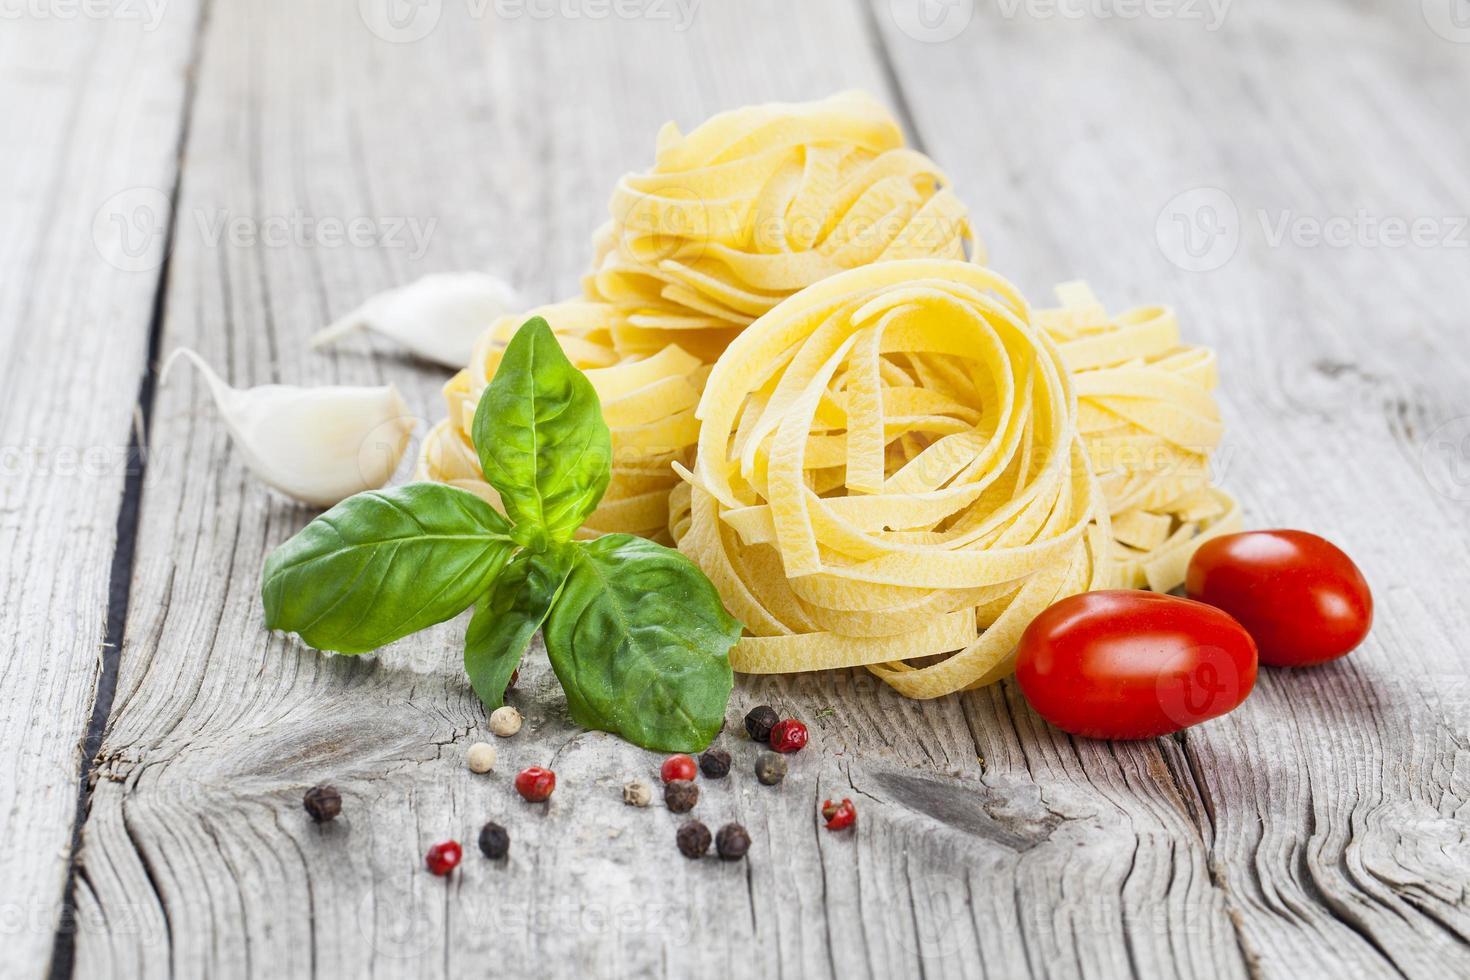 nido de pasta italiana fettuccine foto